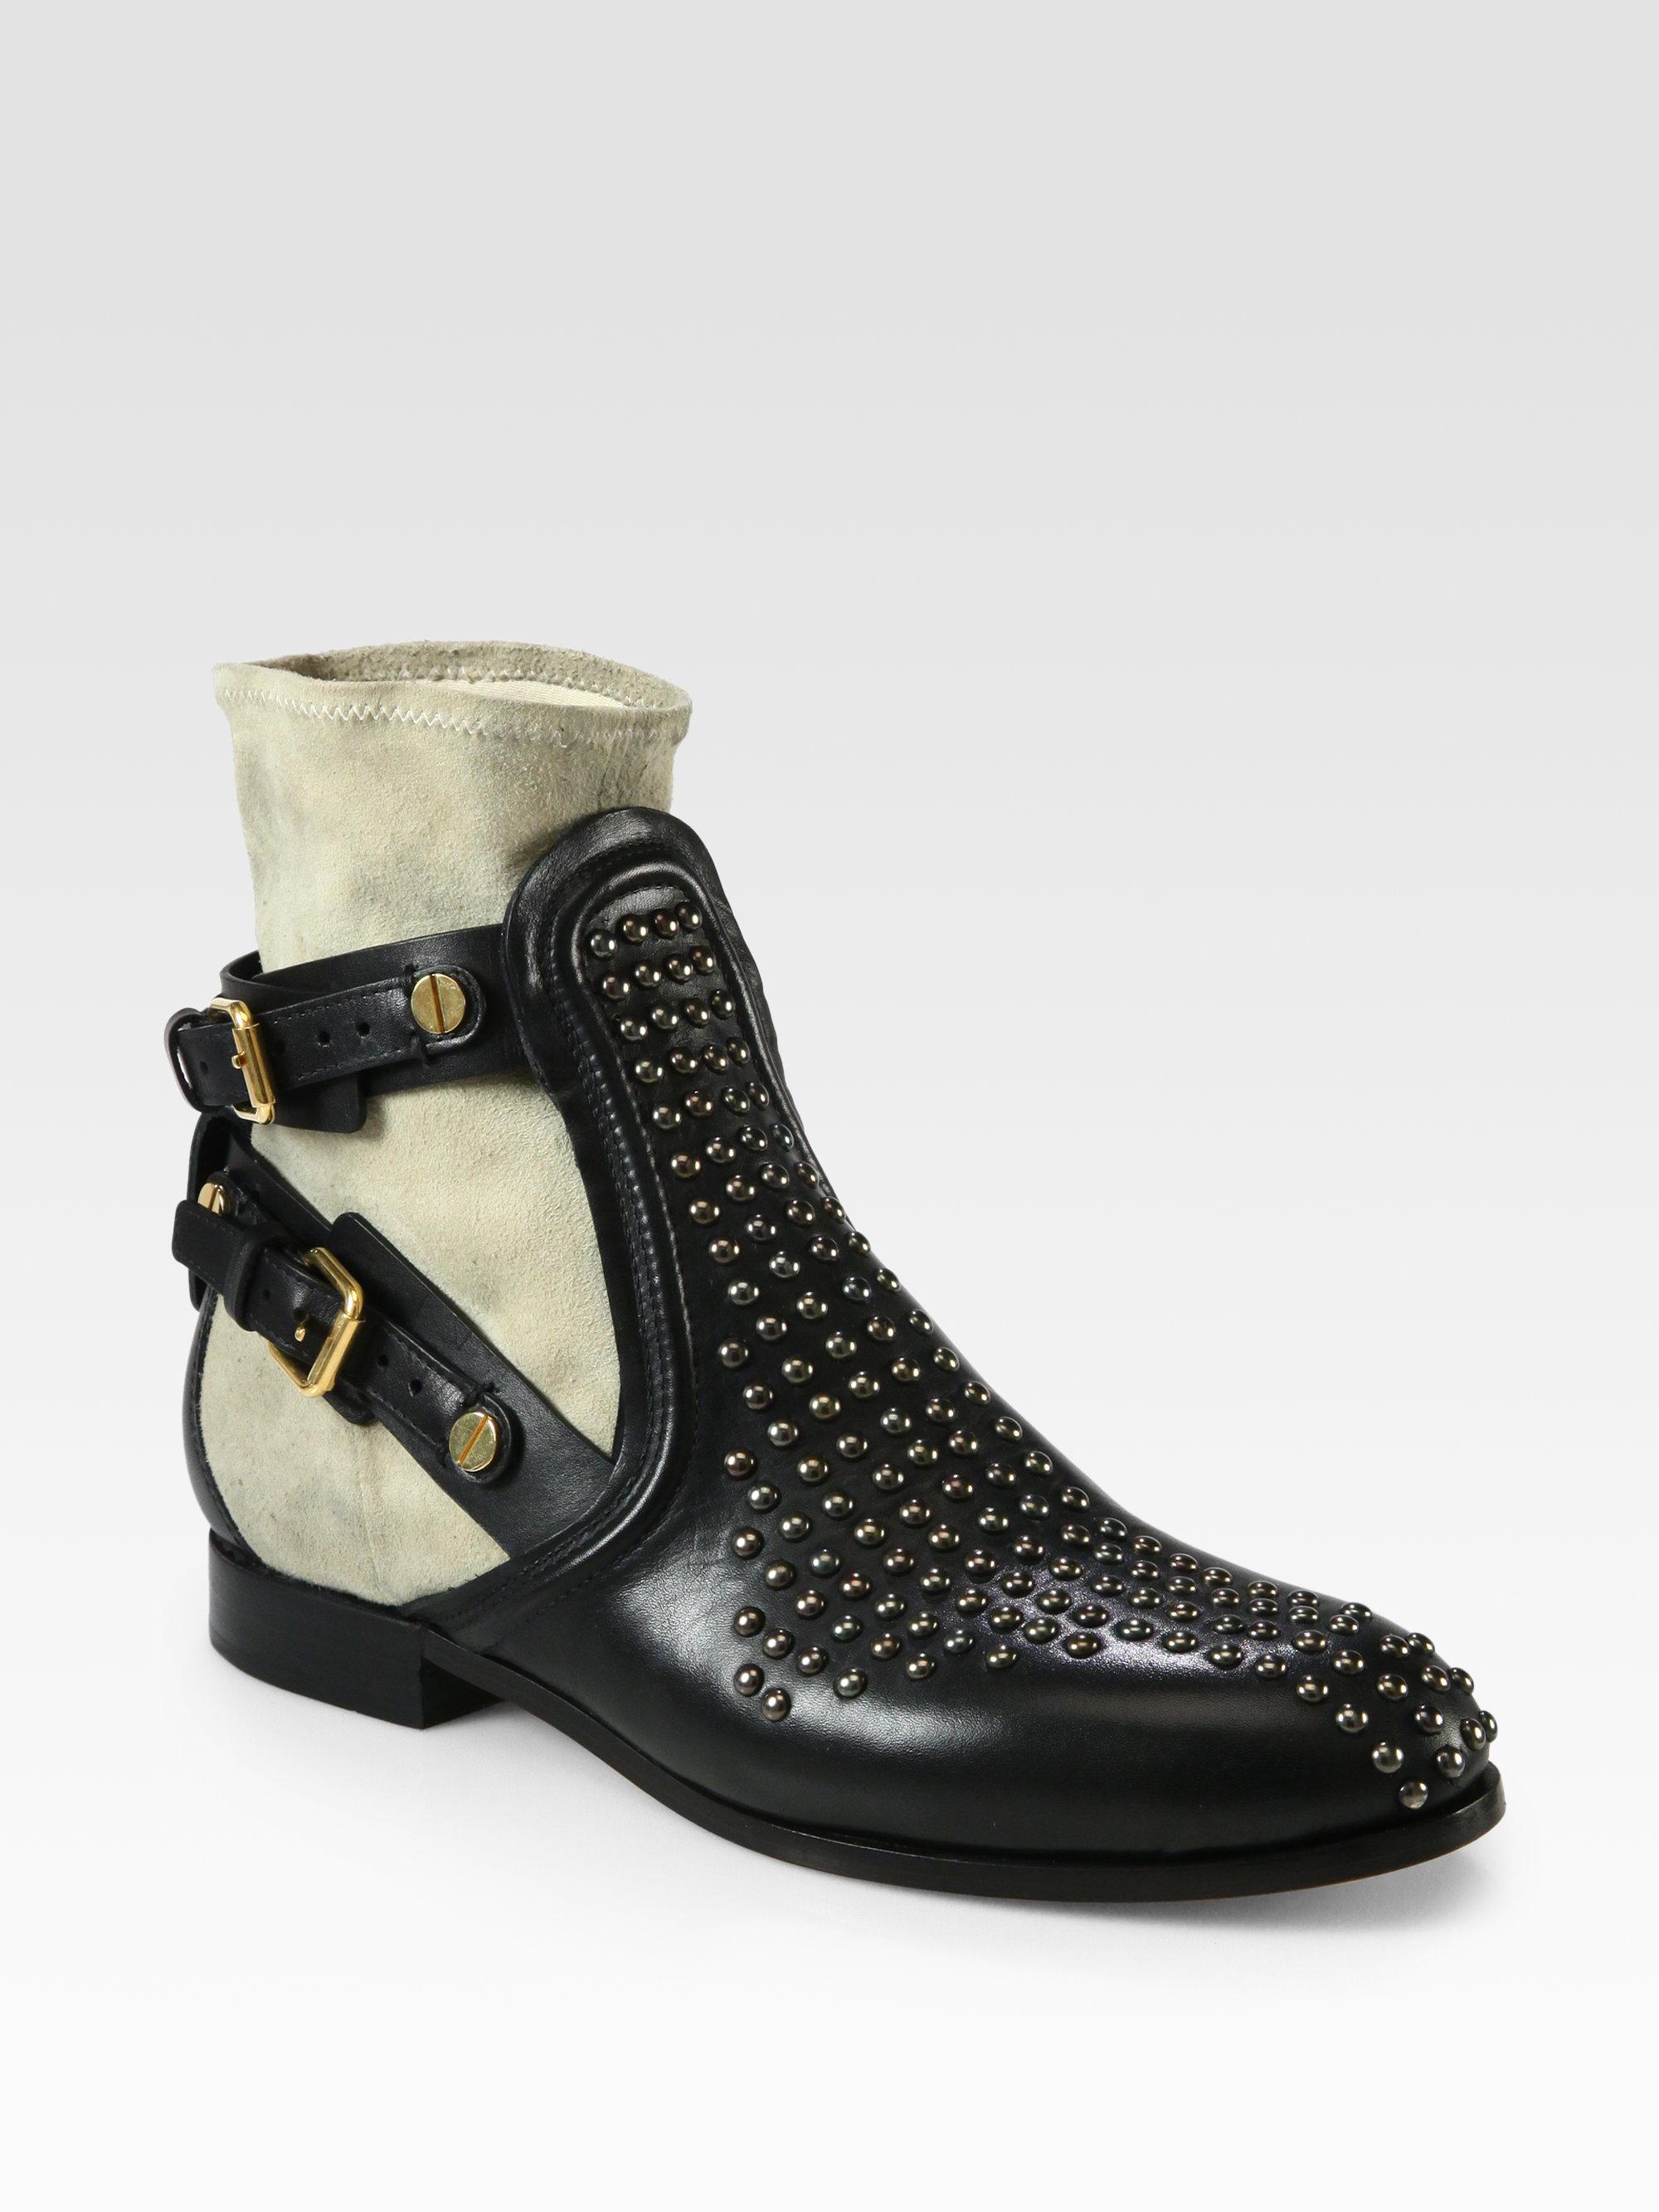 Chloé Ankle Boots CH18A calfskin dwpHaO